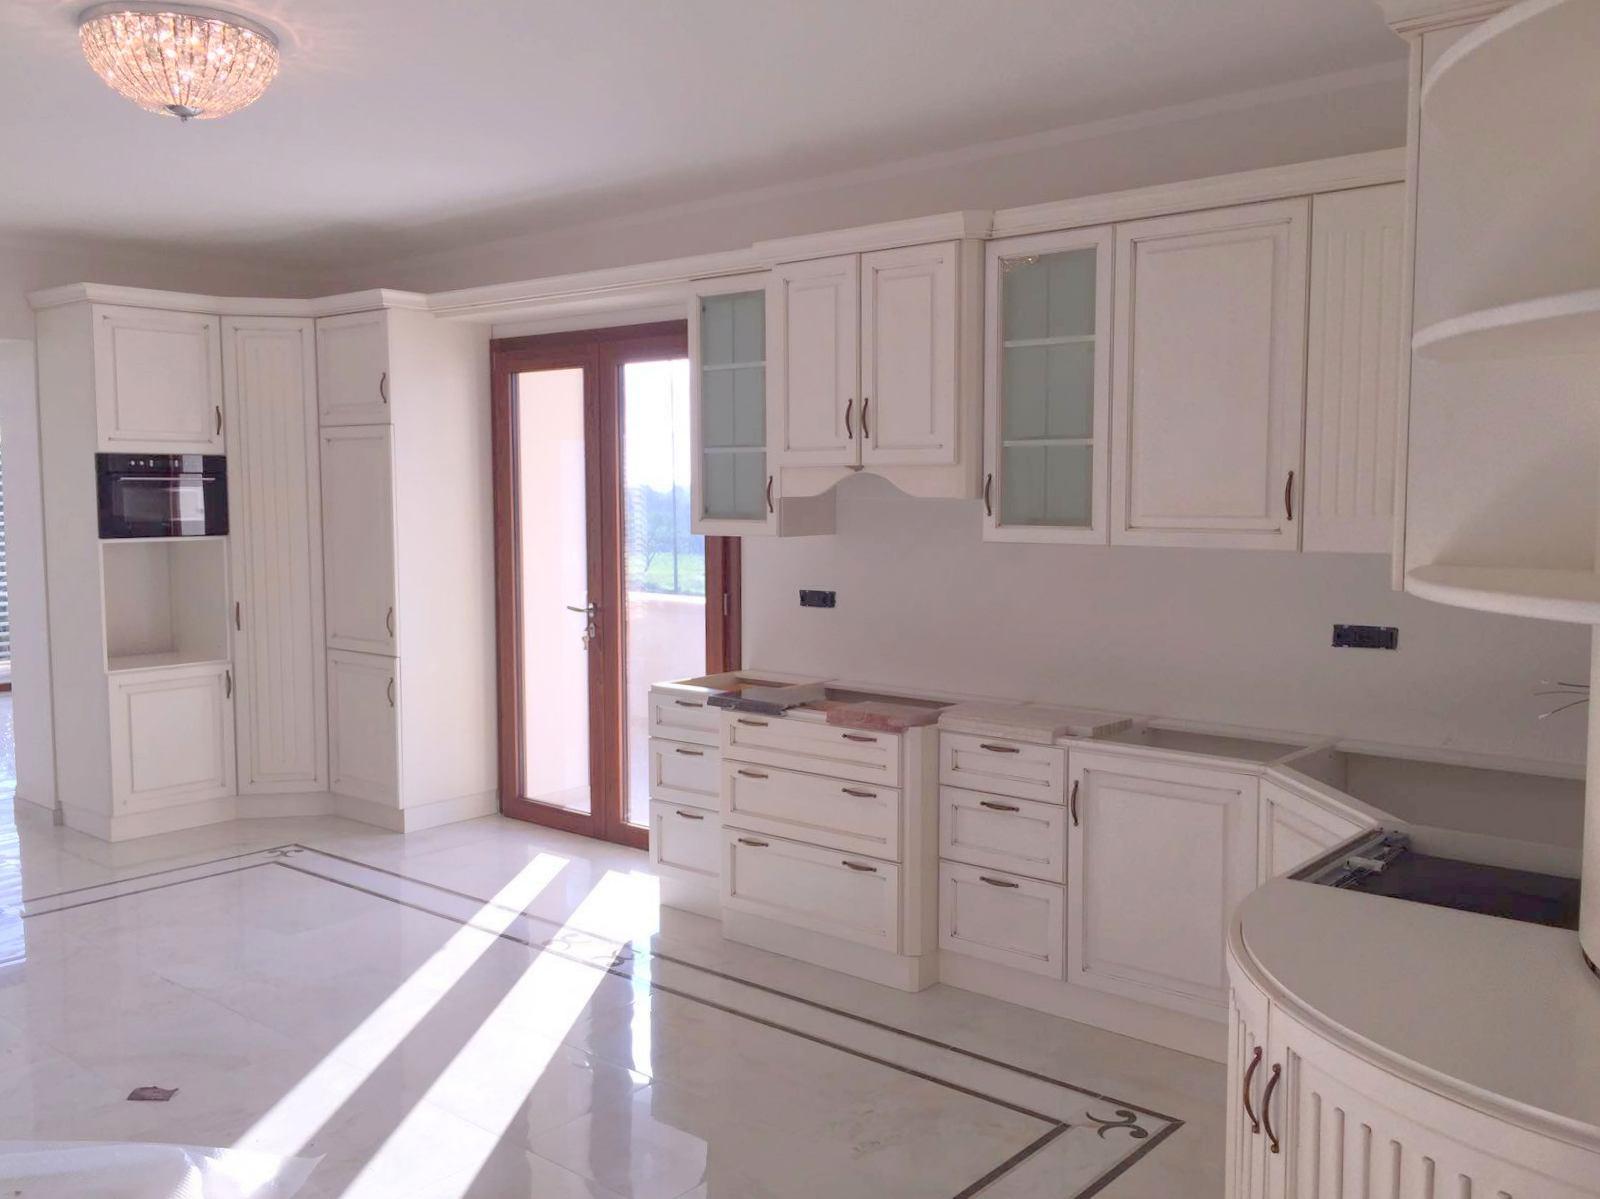 Cucina Ciliegio E Panna cucine in legno milano - falegnamerie milano